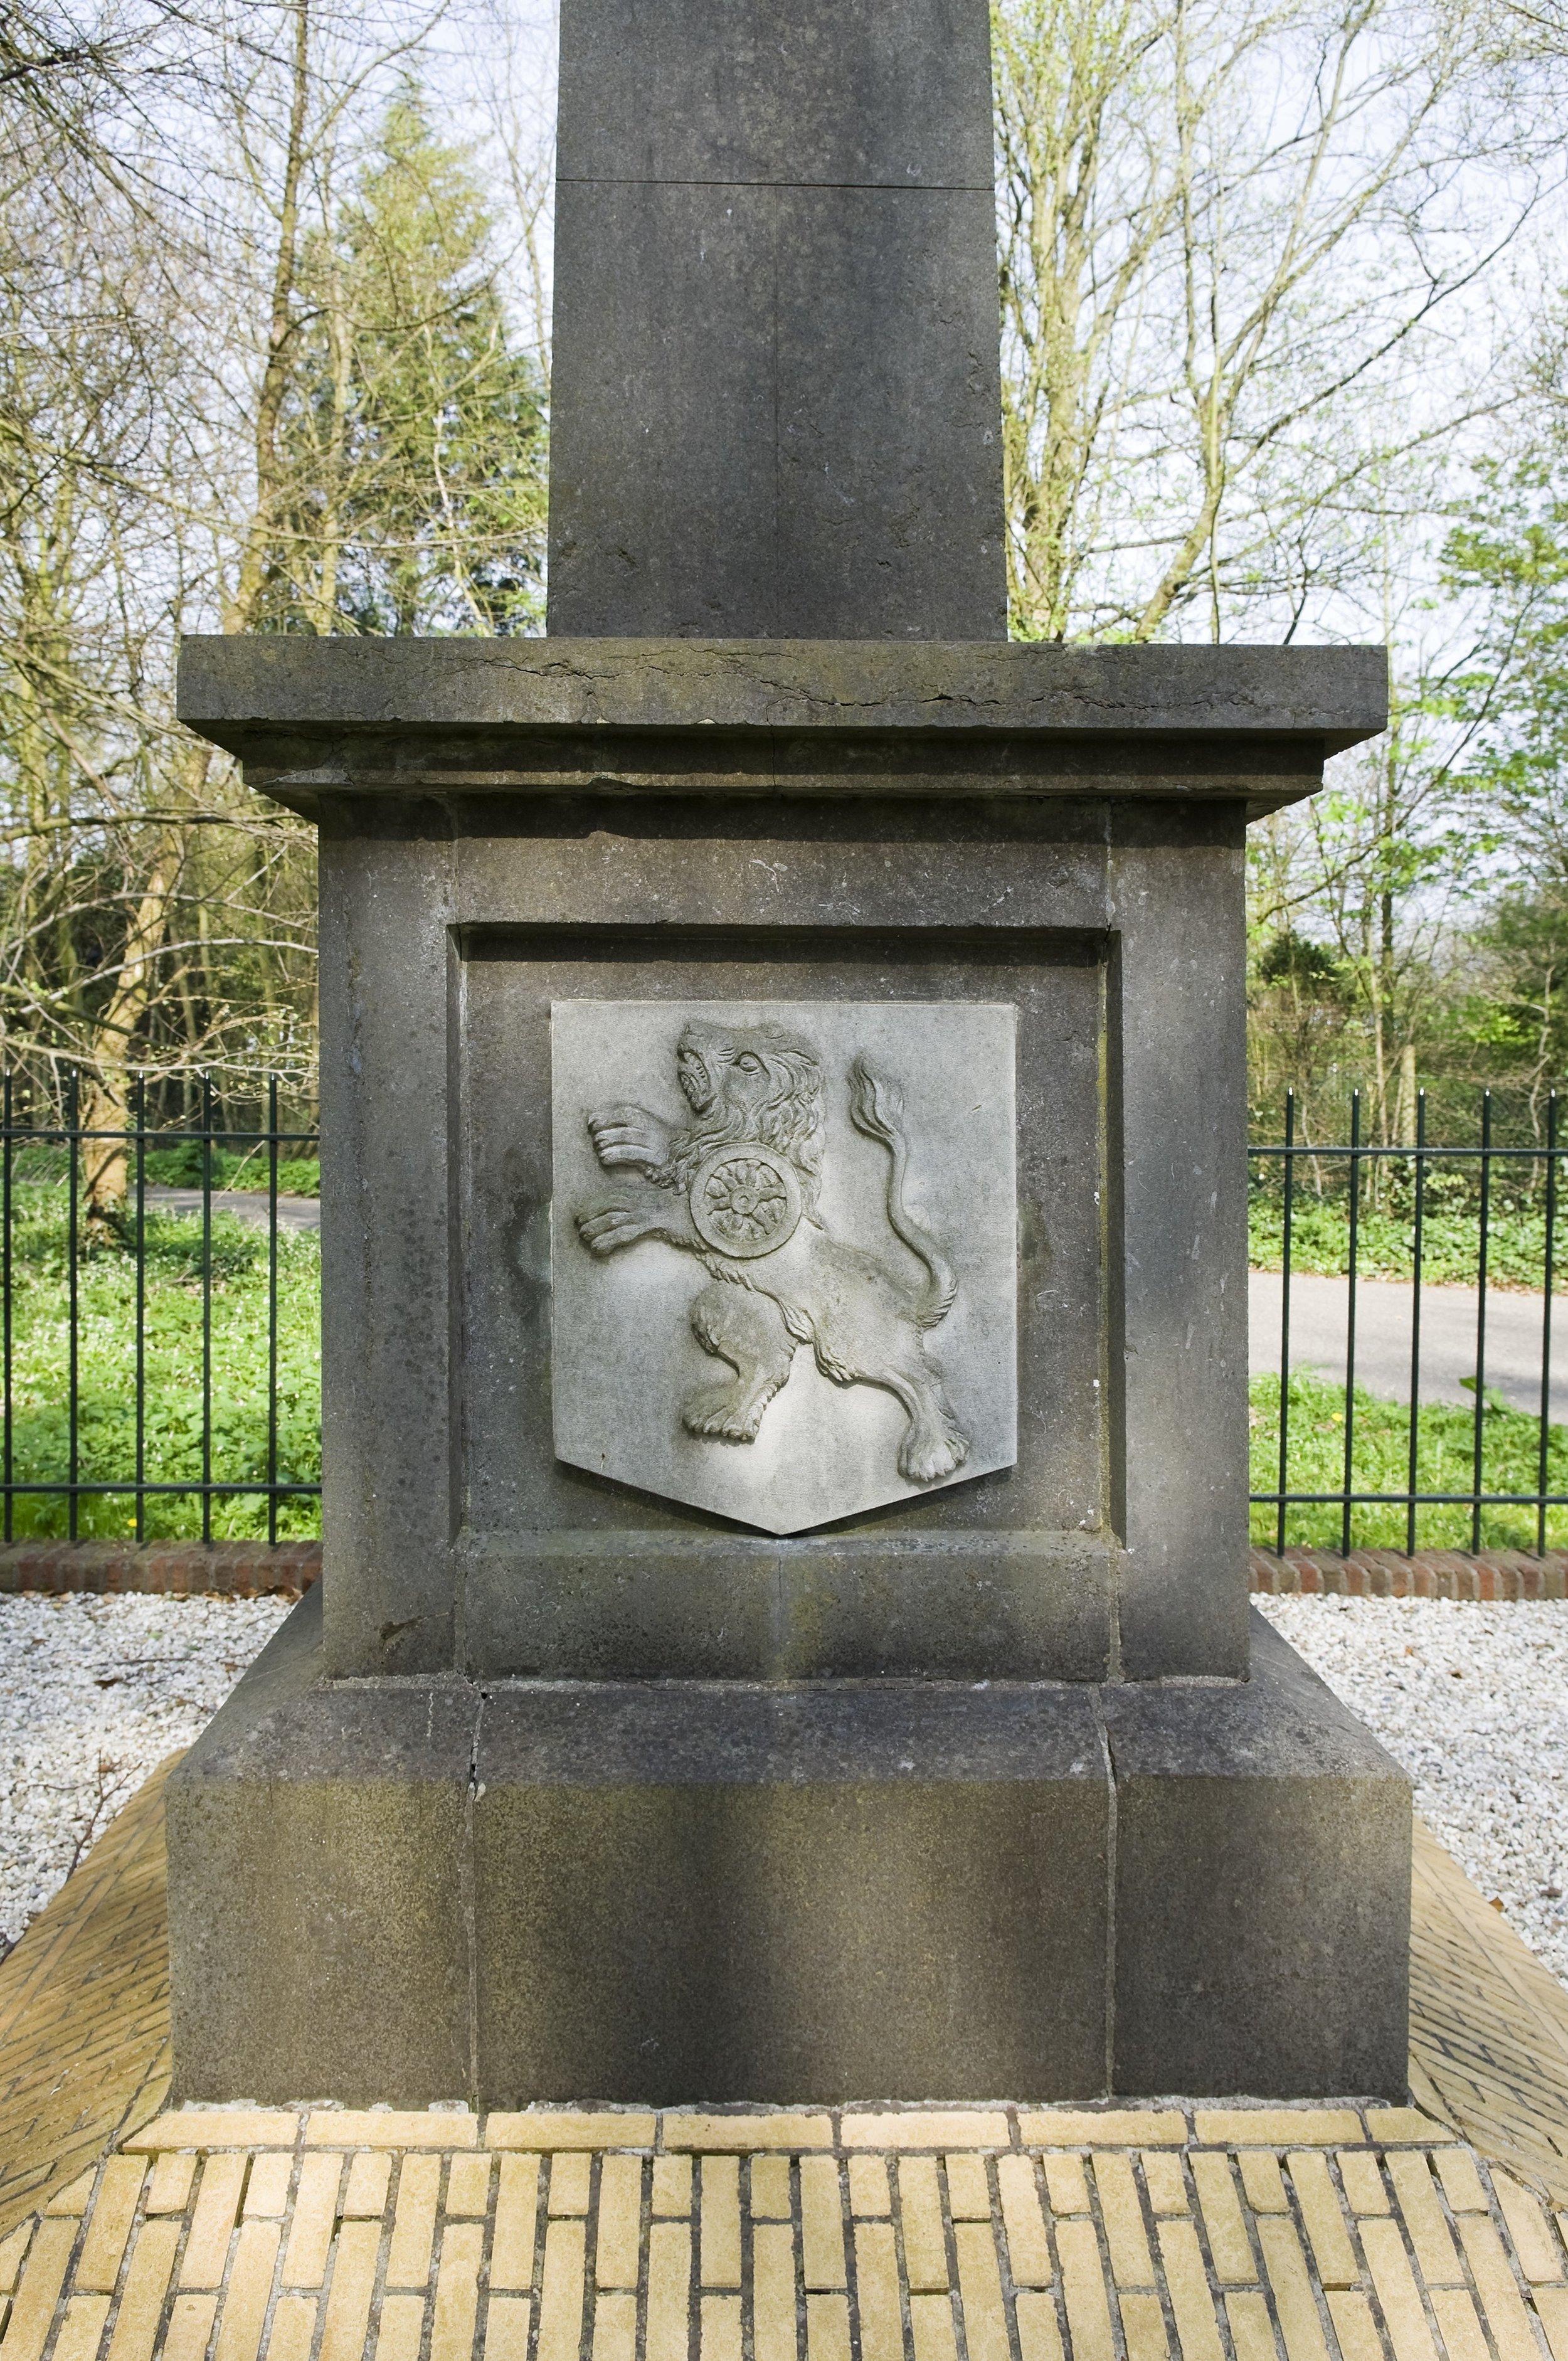 GEDENKNAALD, HEEMSTEDE - HET MONUMENT HERINNERT AAN DE SLAG BIJ MANPAD UIT 1303